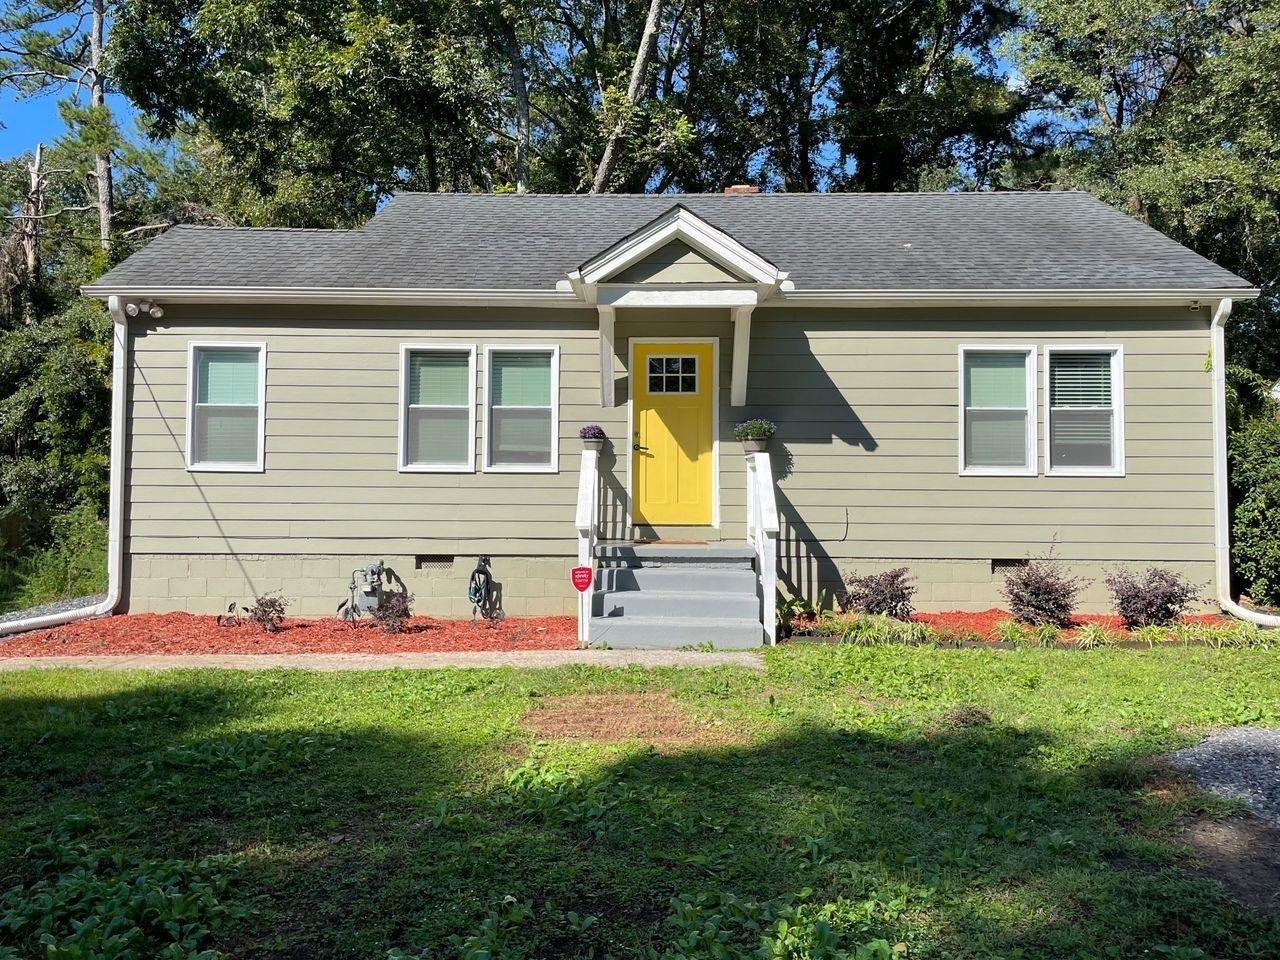 607 Quillian Ave, Decatur GA 30032